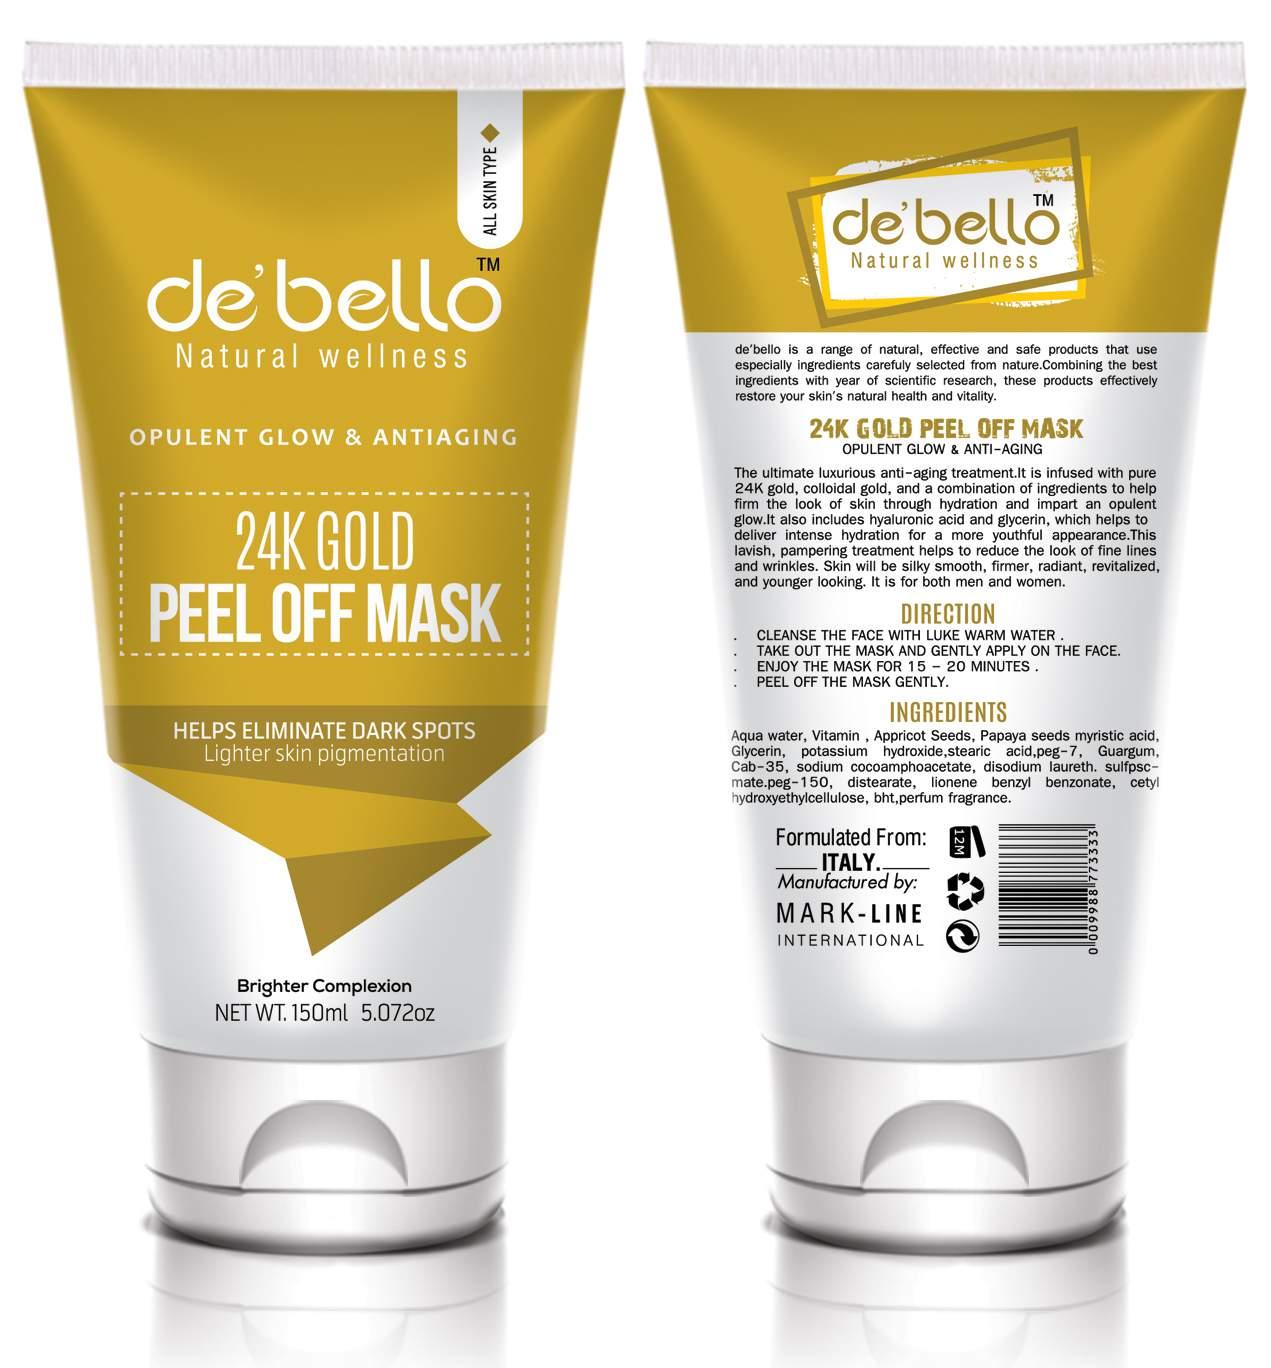 De'bello 24K Gold Peel Off Mask 150 ml Best Face Mask in Pakistan